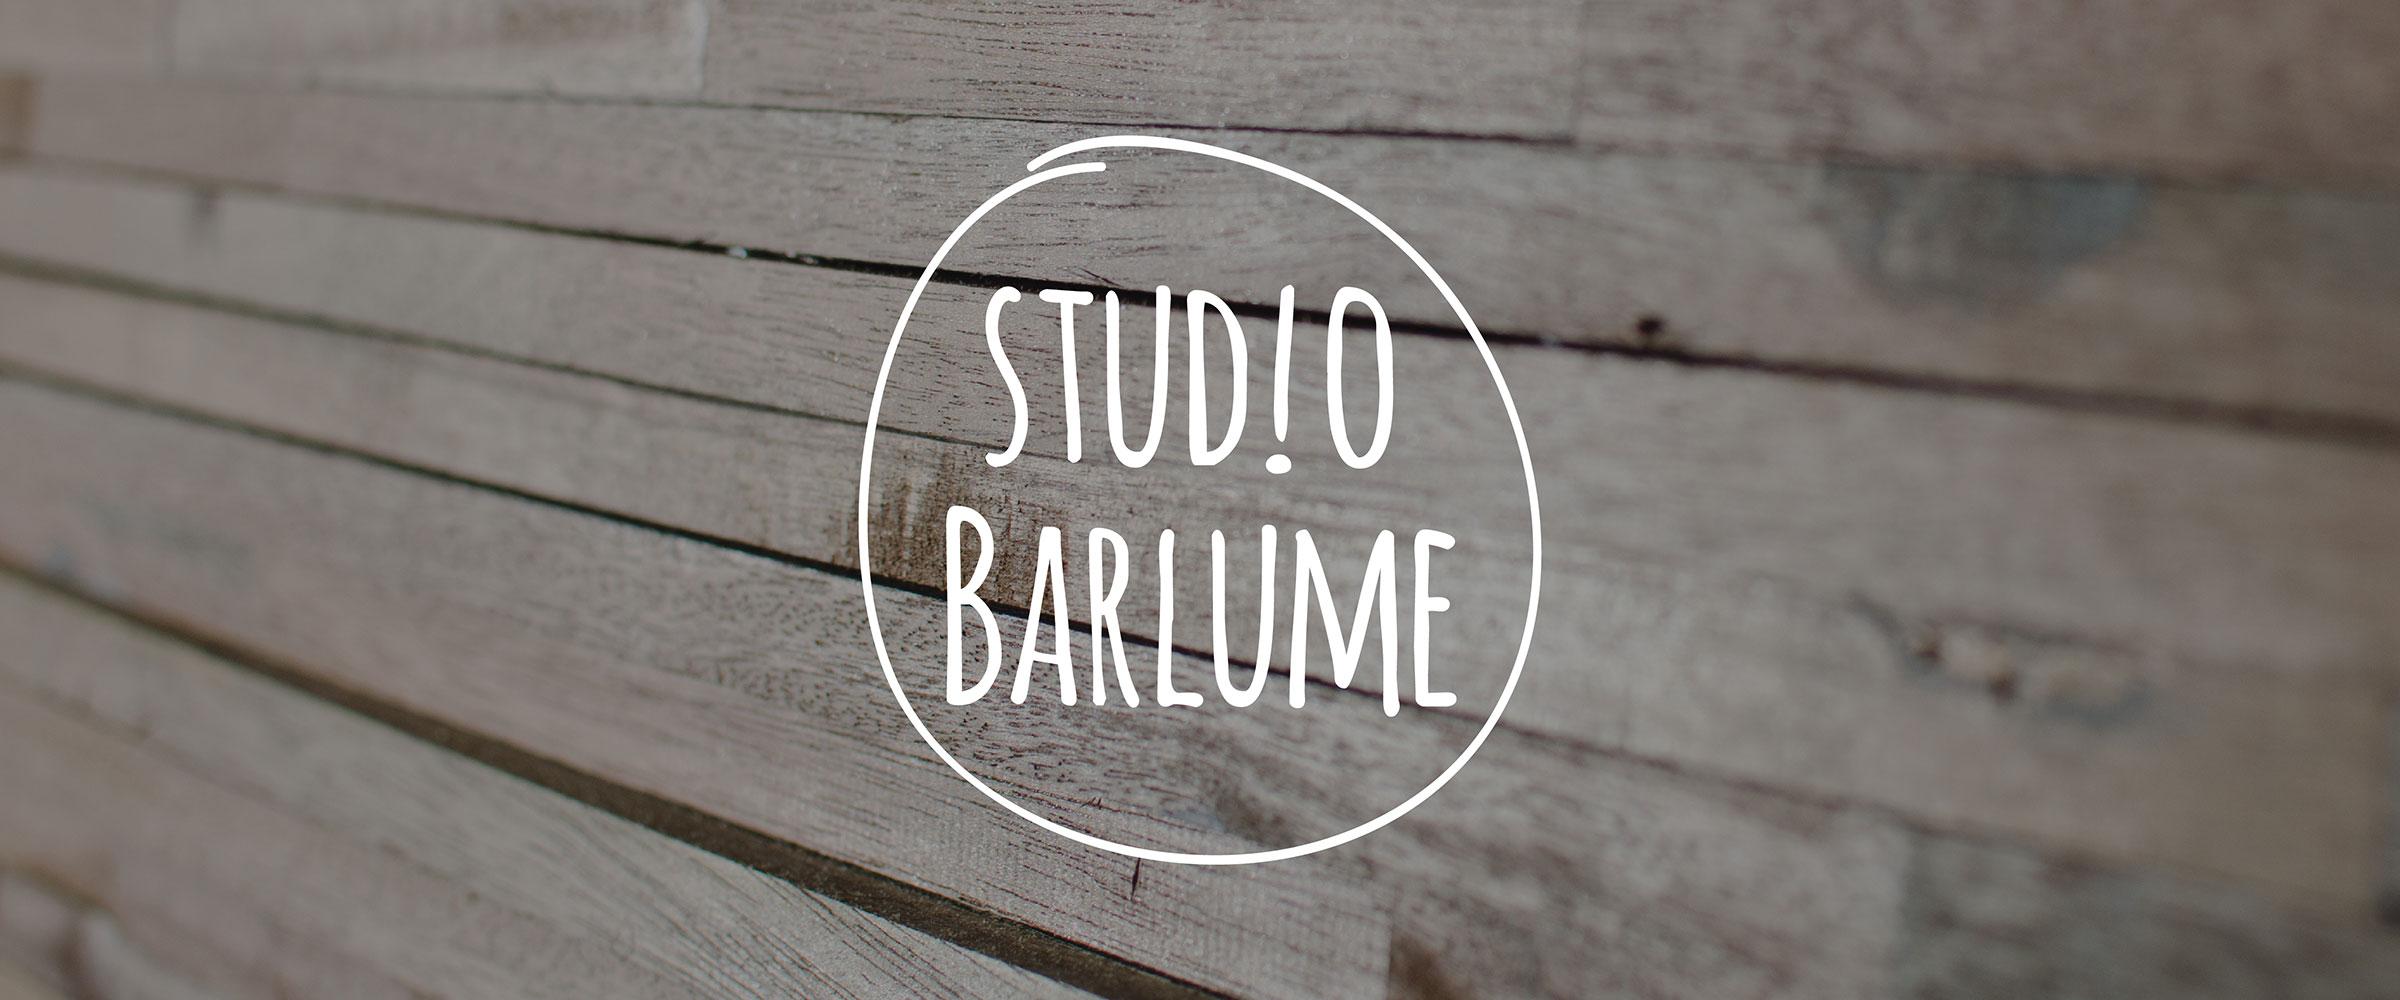 Barlume-banner